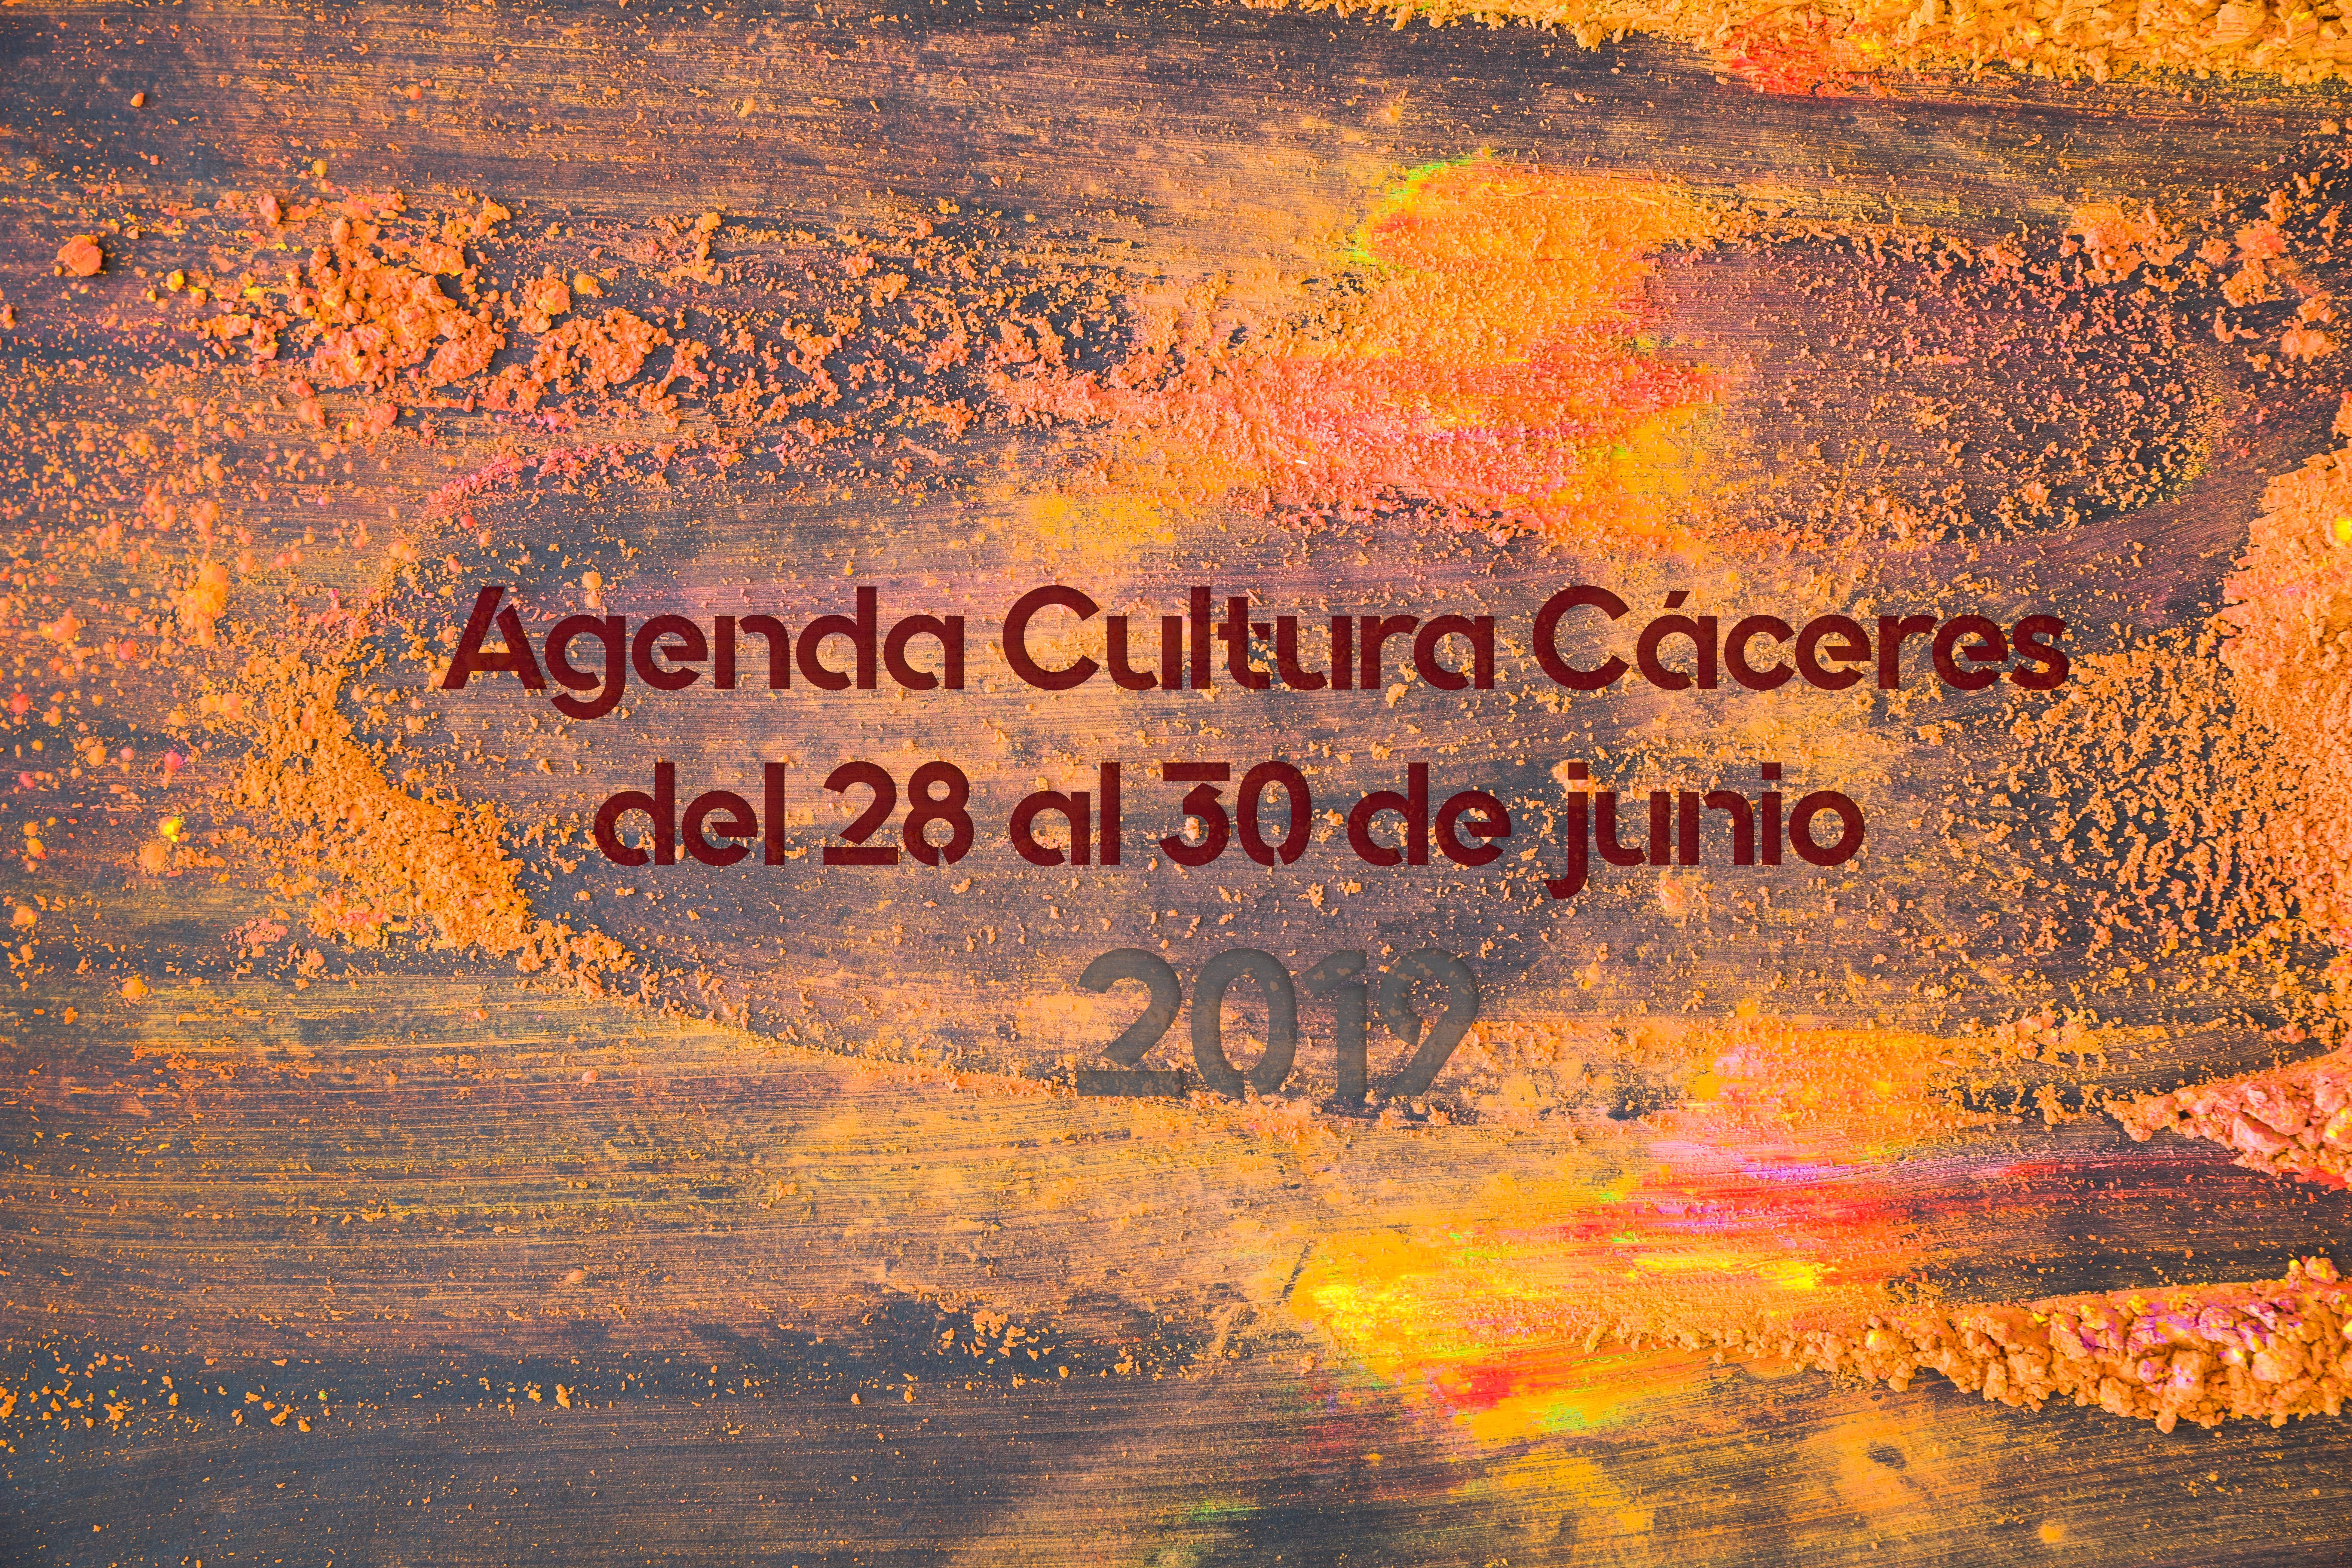 Agenda Cultural Cáceres